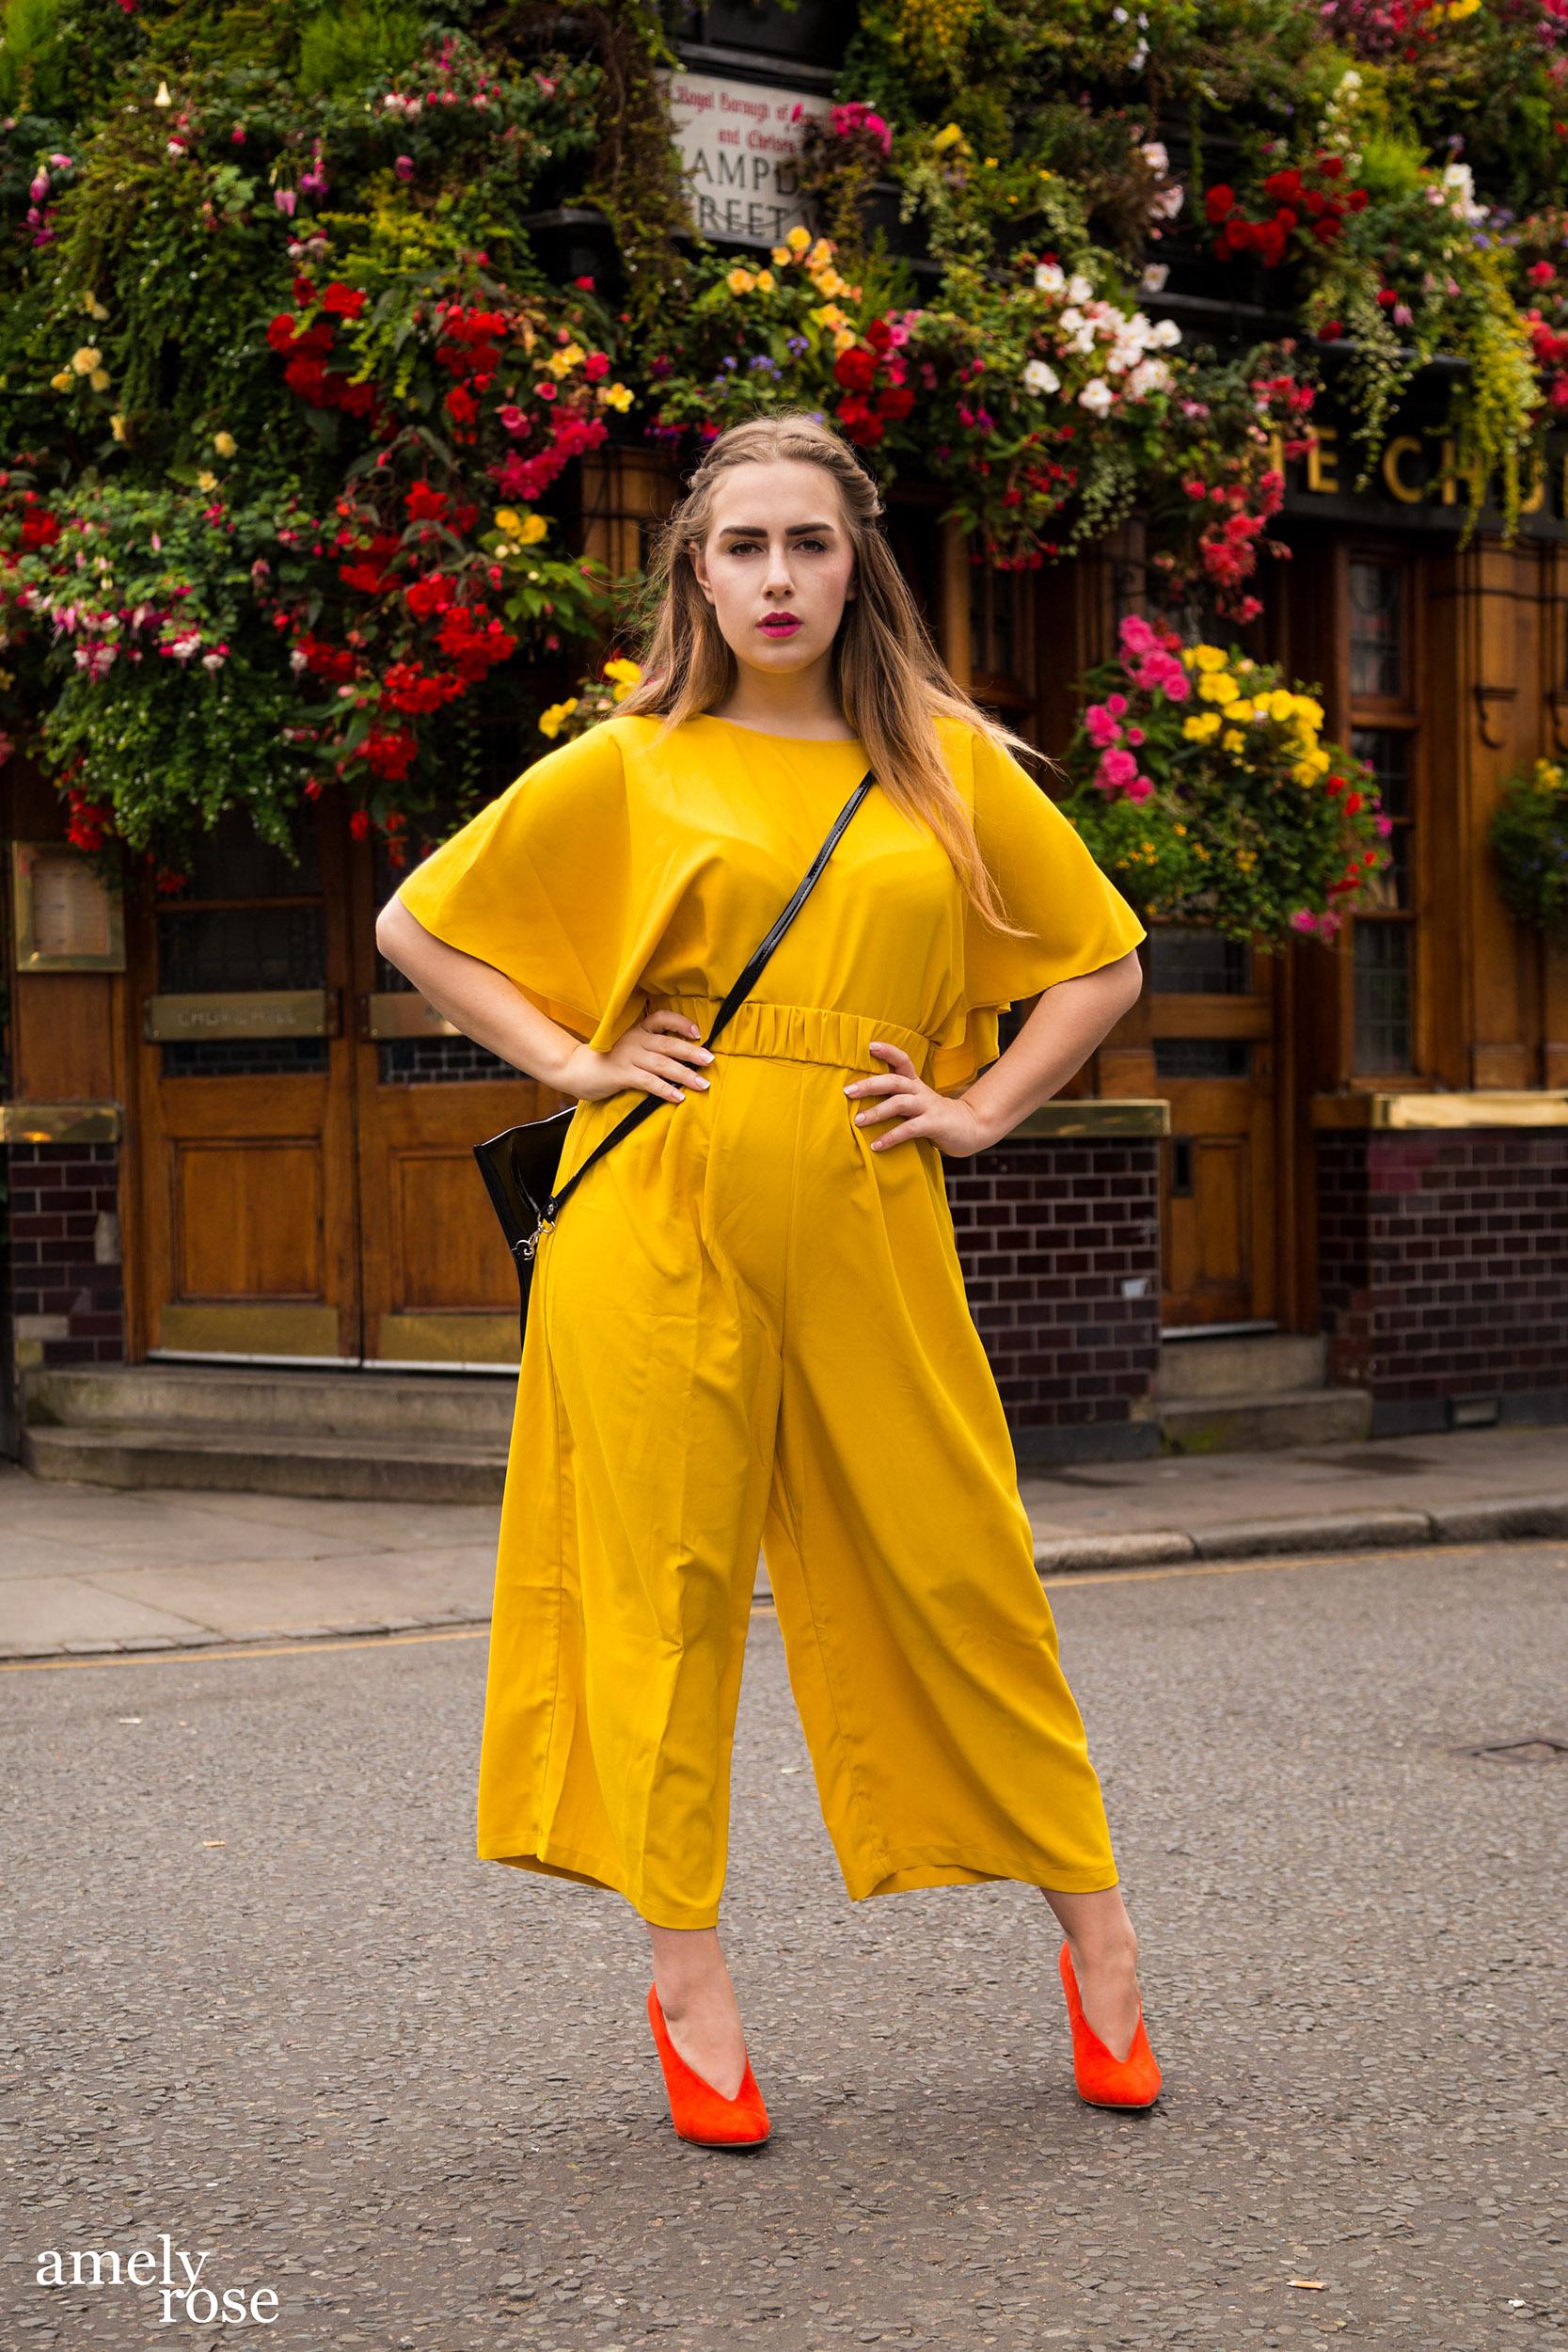 amely rose, deutsche Fashionbloggerin in London während der London Fashionweek LFW in einem gelben Einteiler vor dem Londoner Hotspot Pub Chruchillarm.